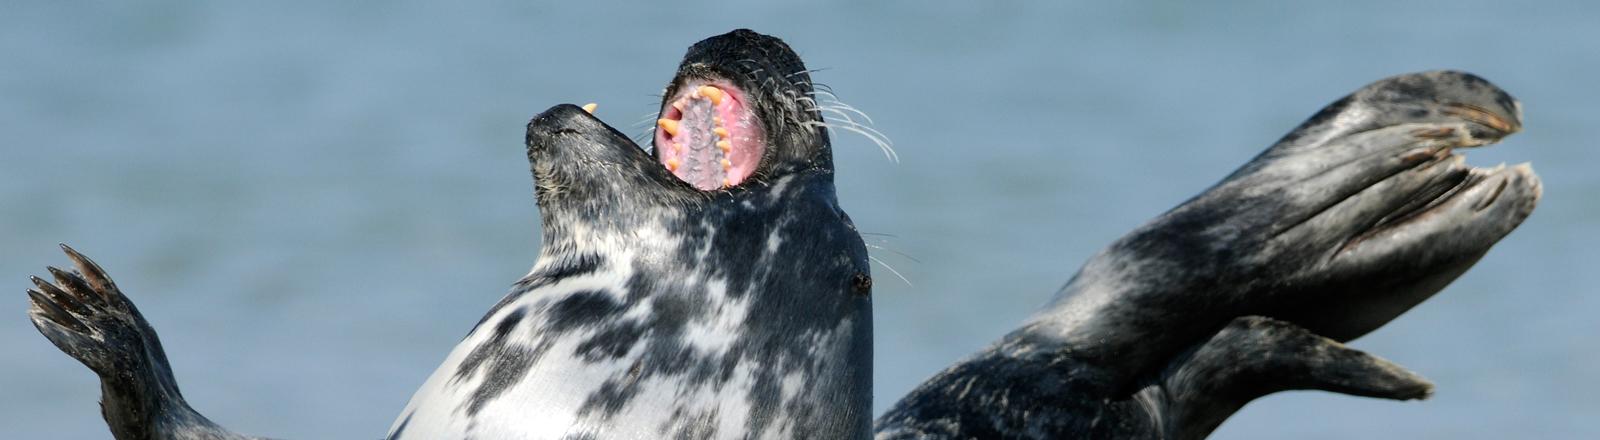 Kegelrobbe, Halichoerus grypus, rastet am Strand auf der Düne bei der Insel Helgoland.